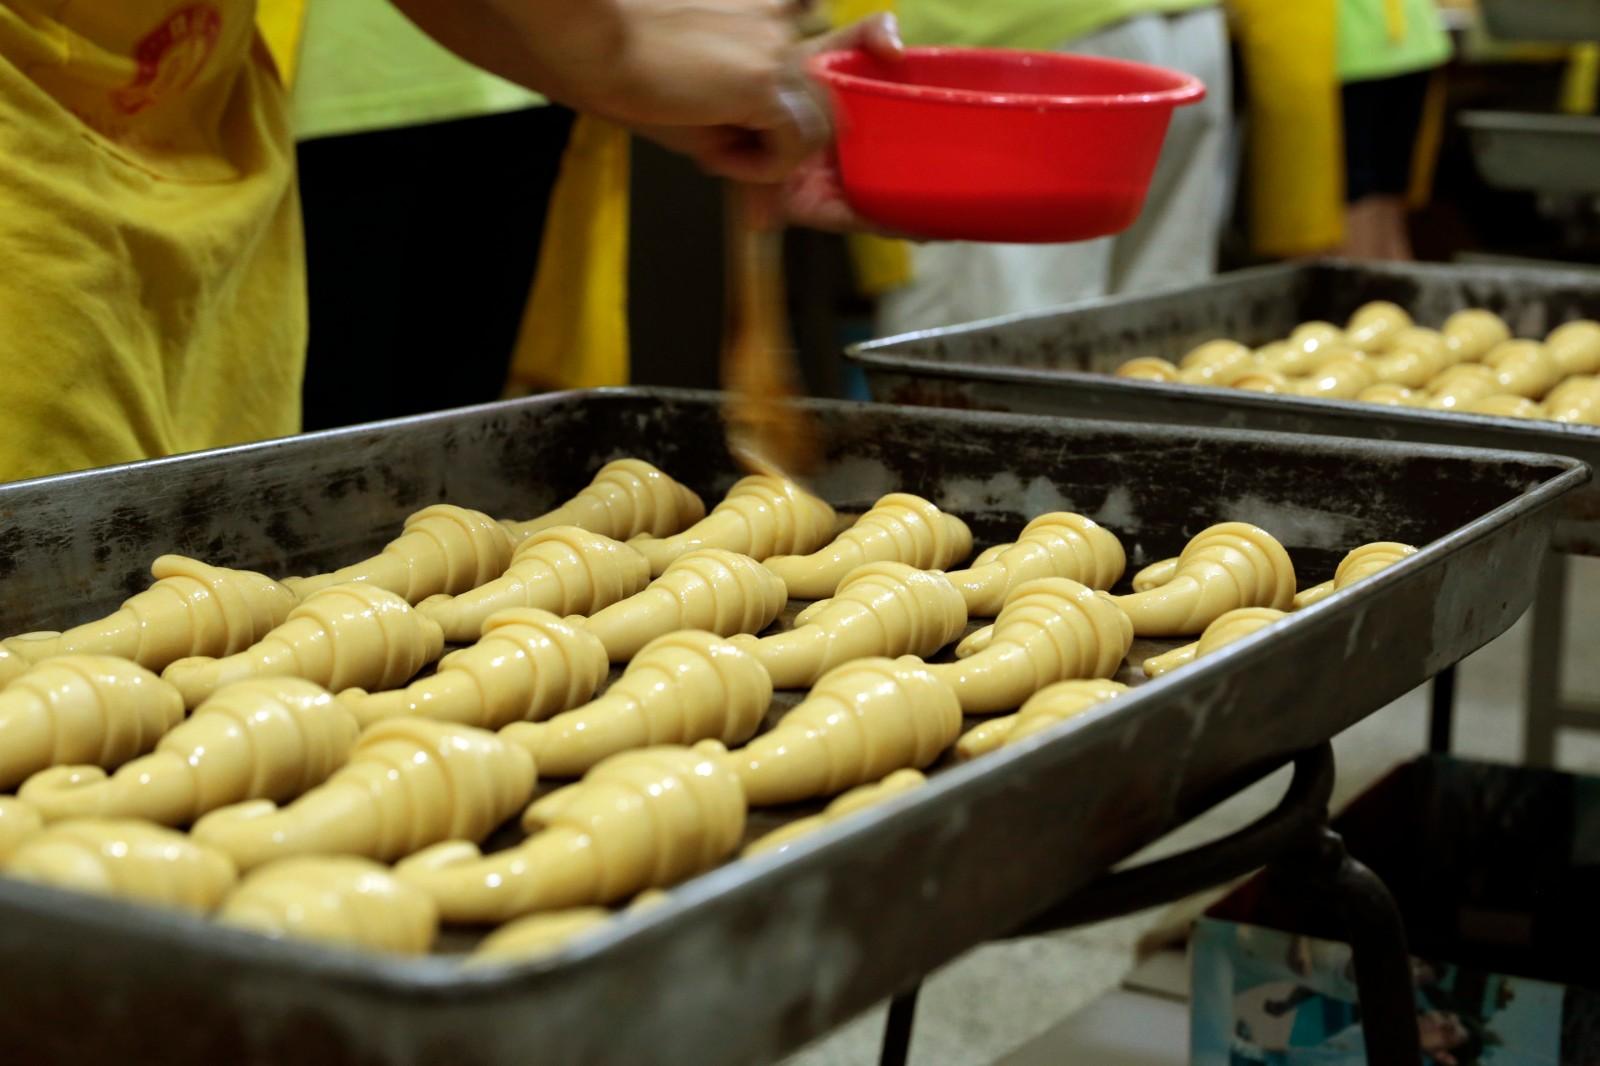 一日職人DIY體驗 - 三峽製餅職人   甘樂文創   甘之如飴,樂在其中